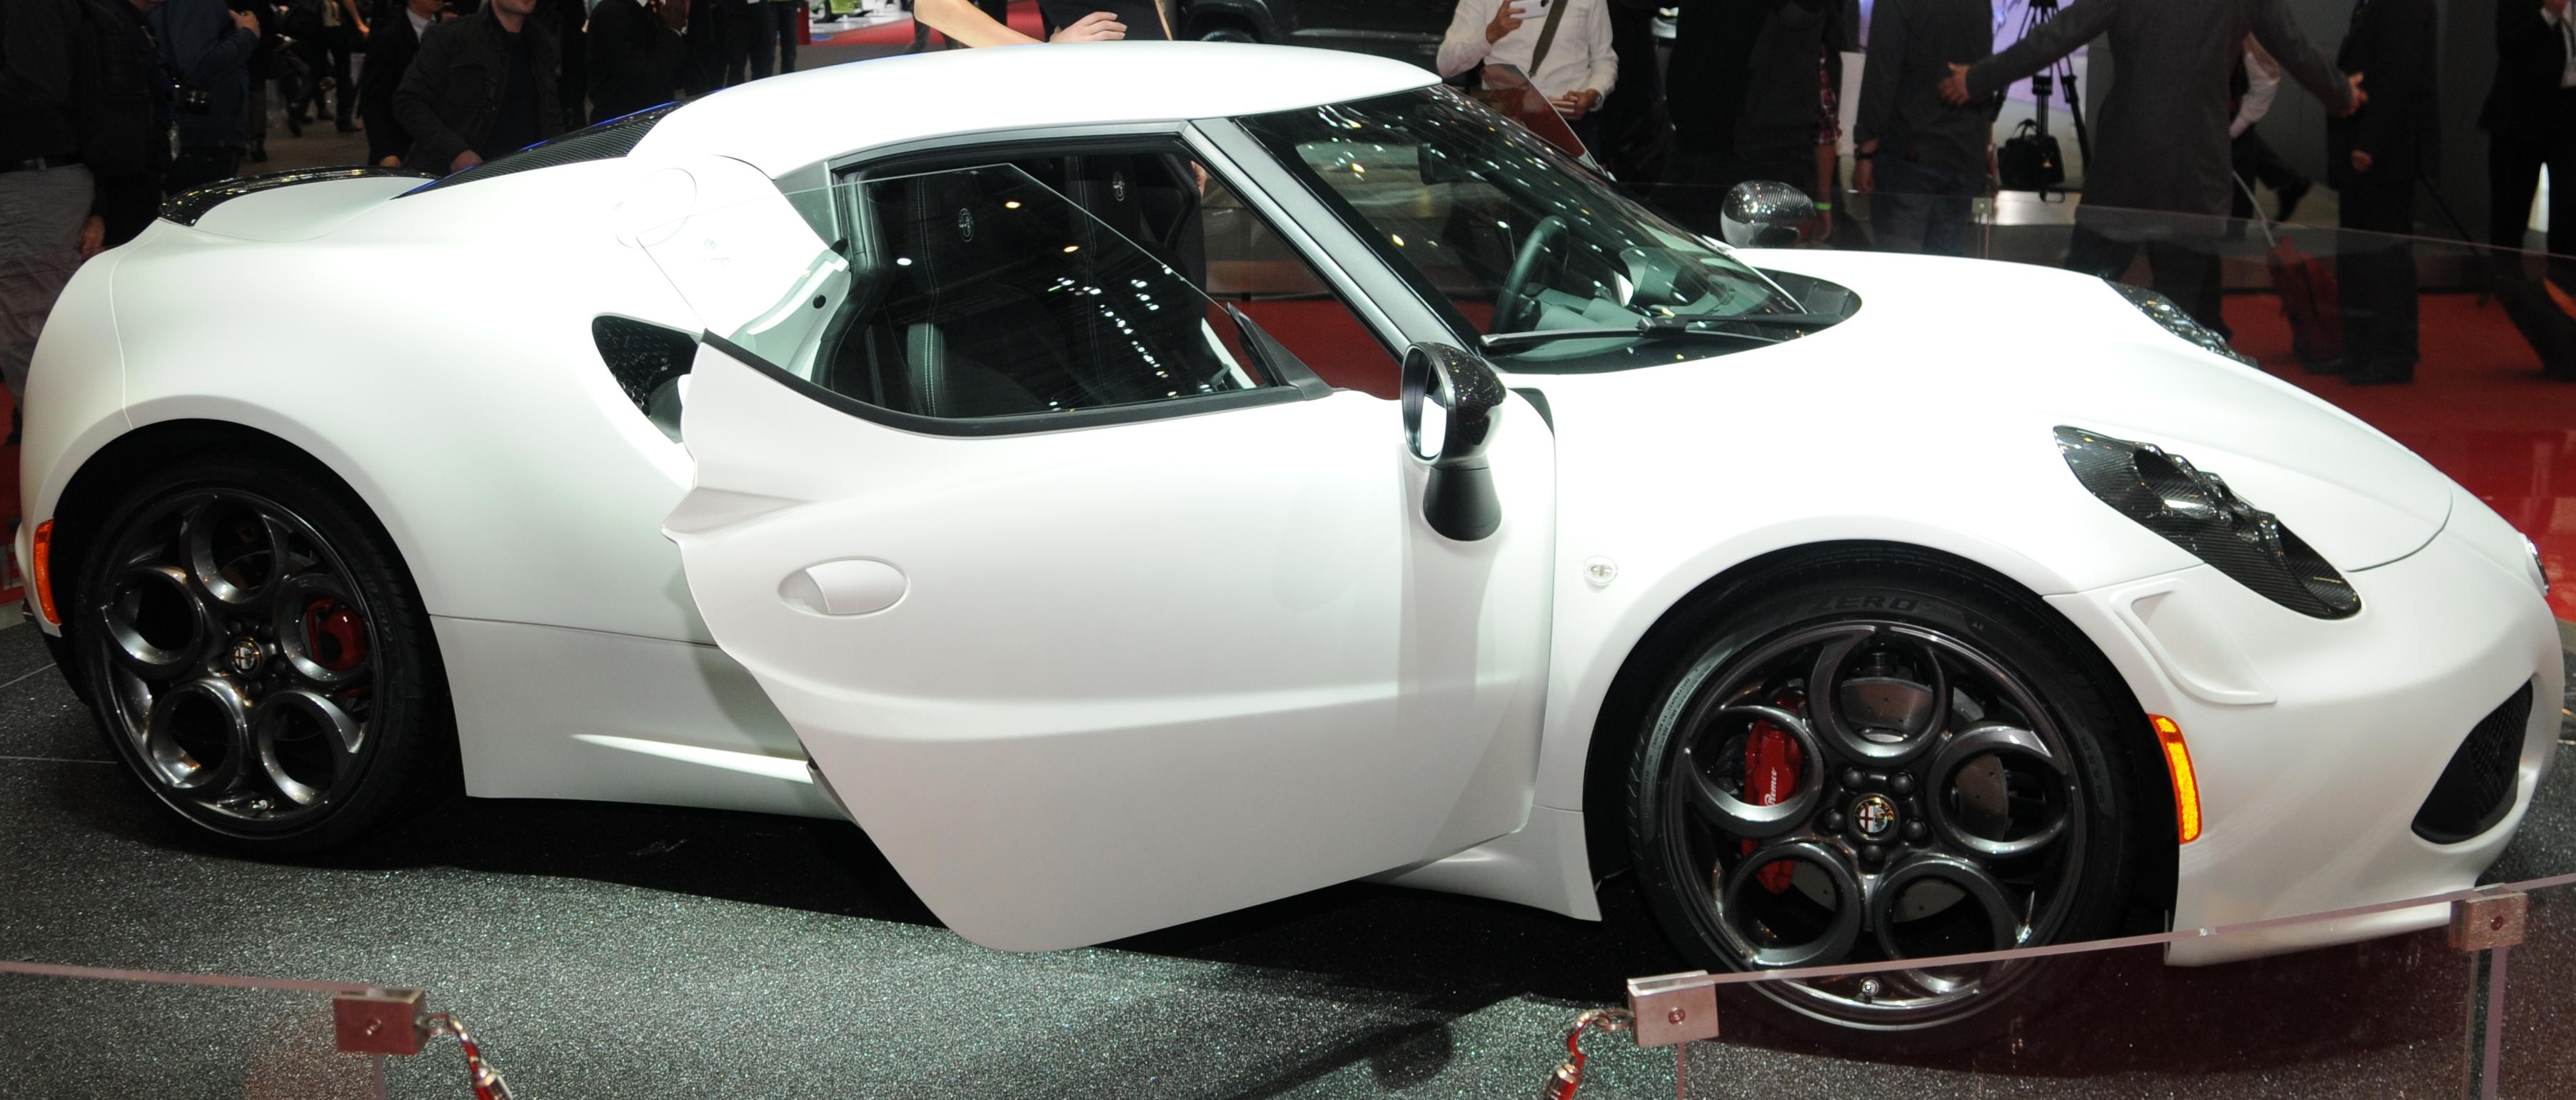 Exotic Italian Sports Car   Alfa Romeo 4C Sport Car